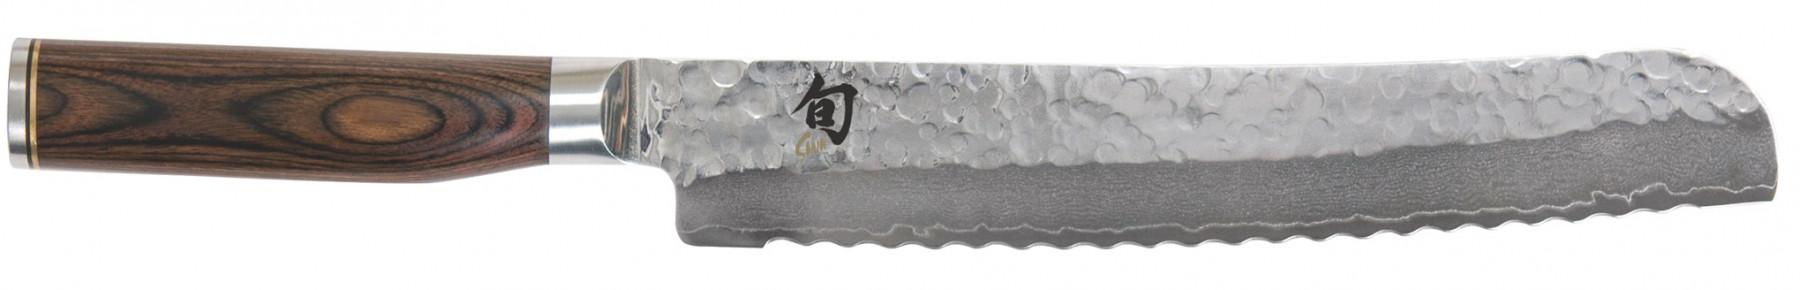 KAI Shun Premier TM Brotmesser mit Wellenschliff